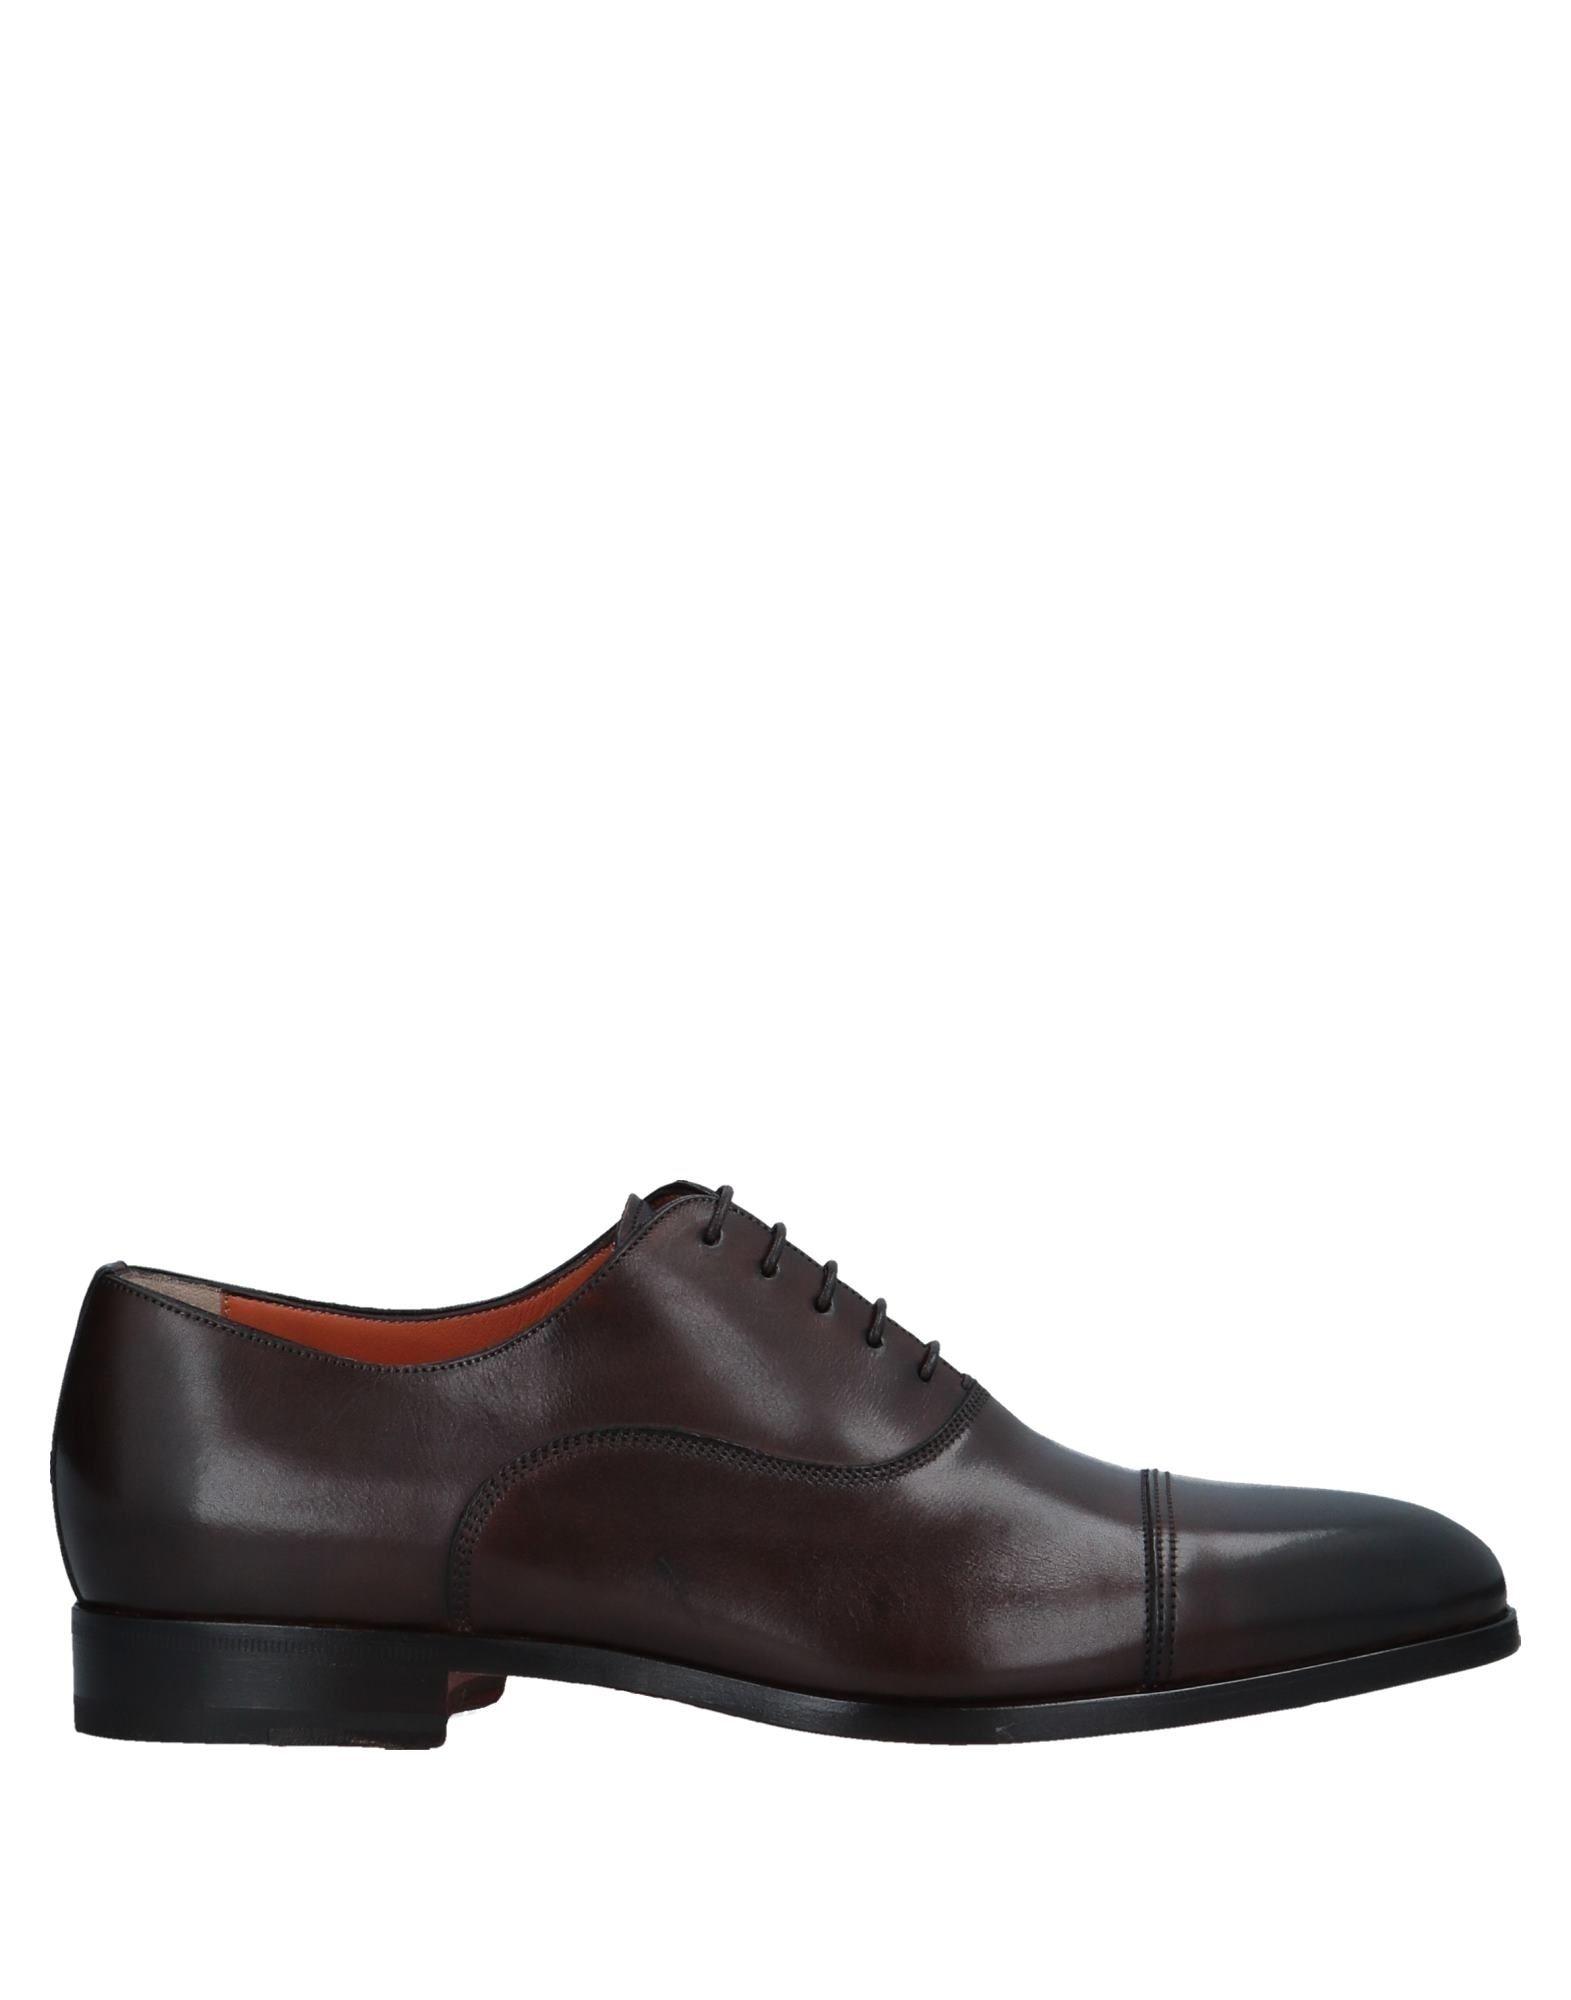 Santoni Schnürschuhe Herren  11541331GE Gute Qualität beliebte Schuhe